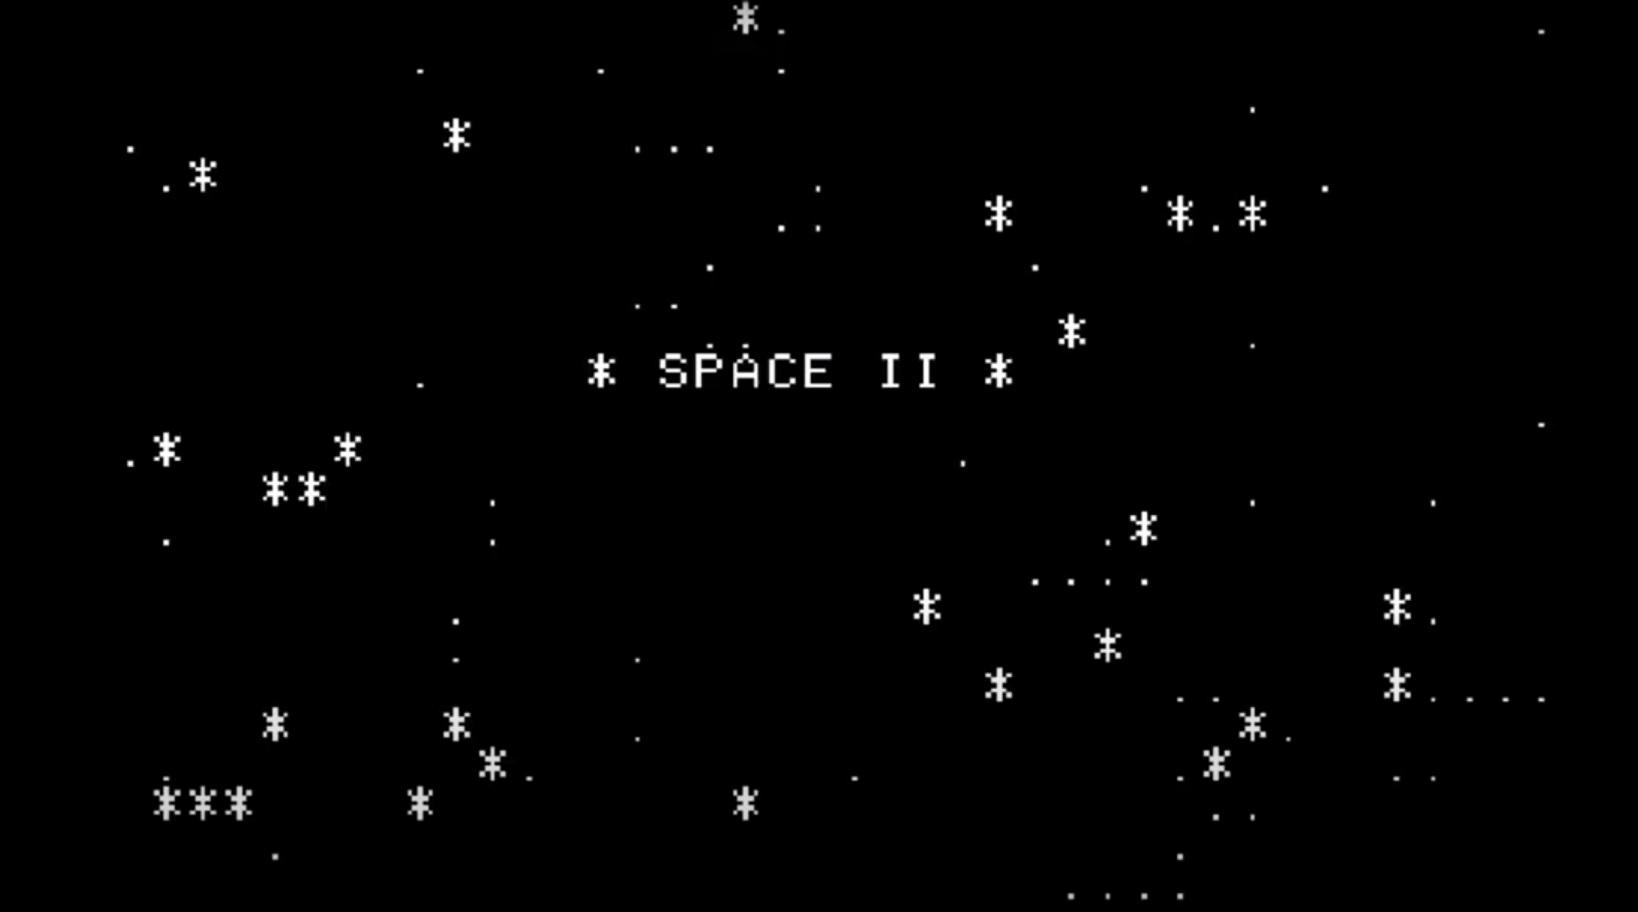 Space II sur jdrpg.fr